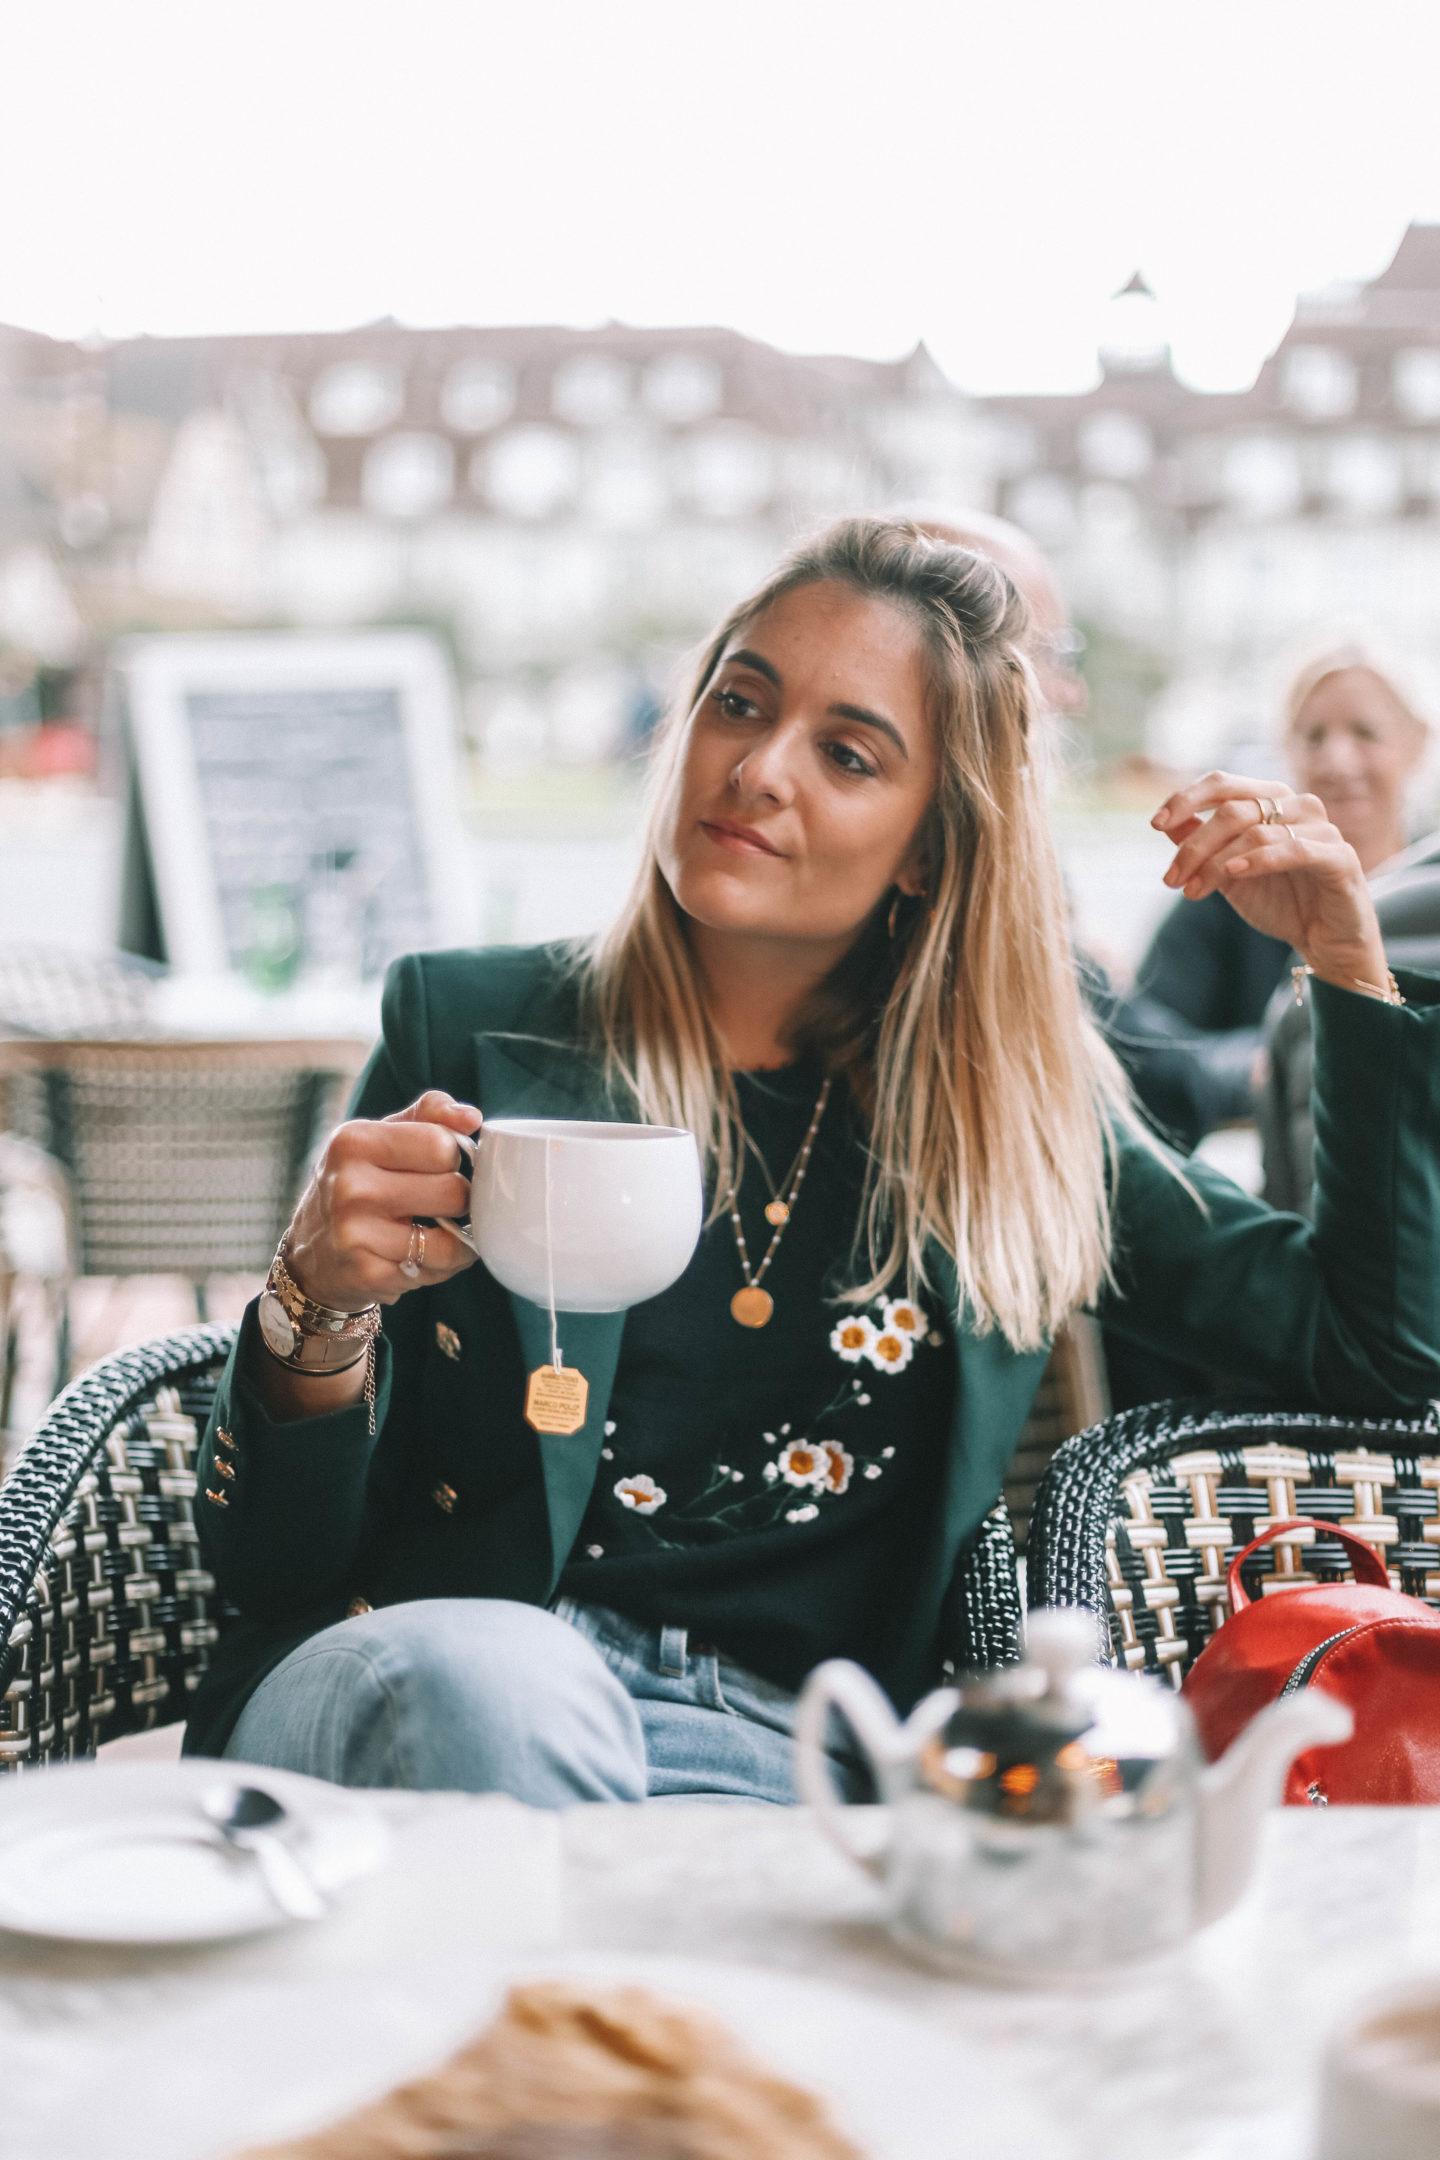 Café Deauville - Blondie Baby blog mode et voyages